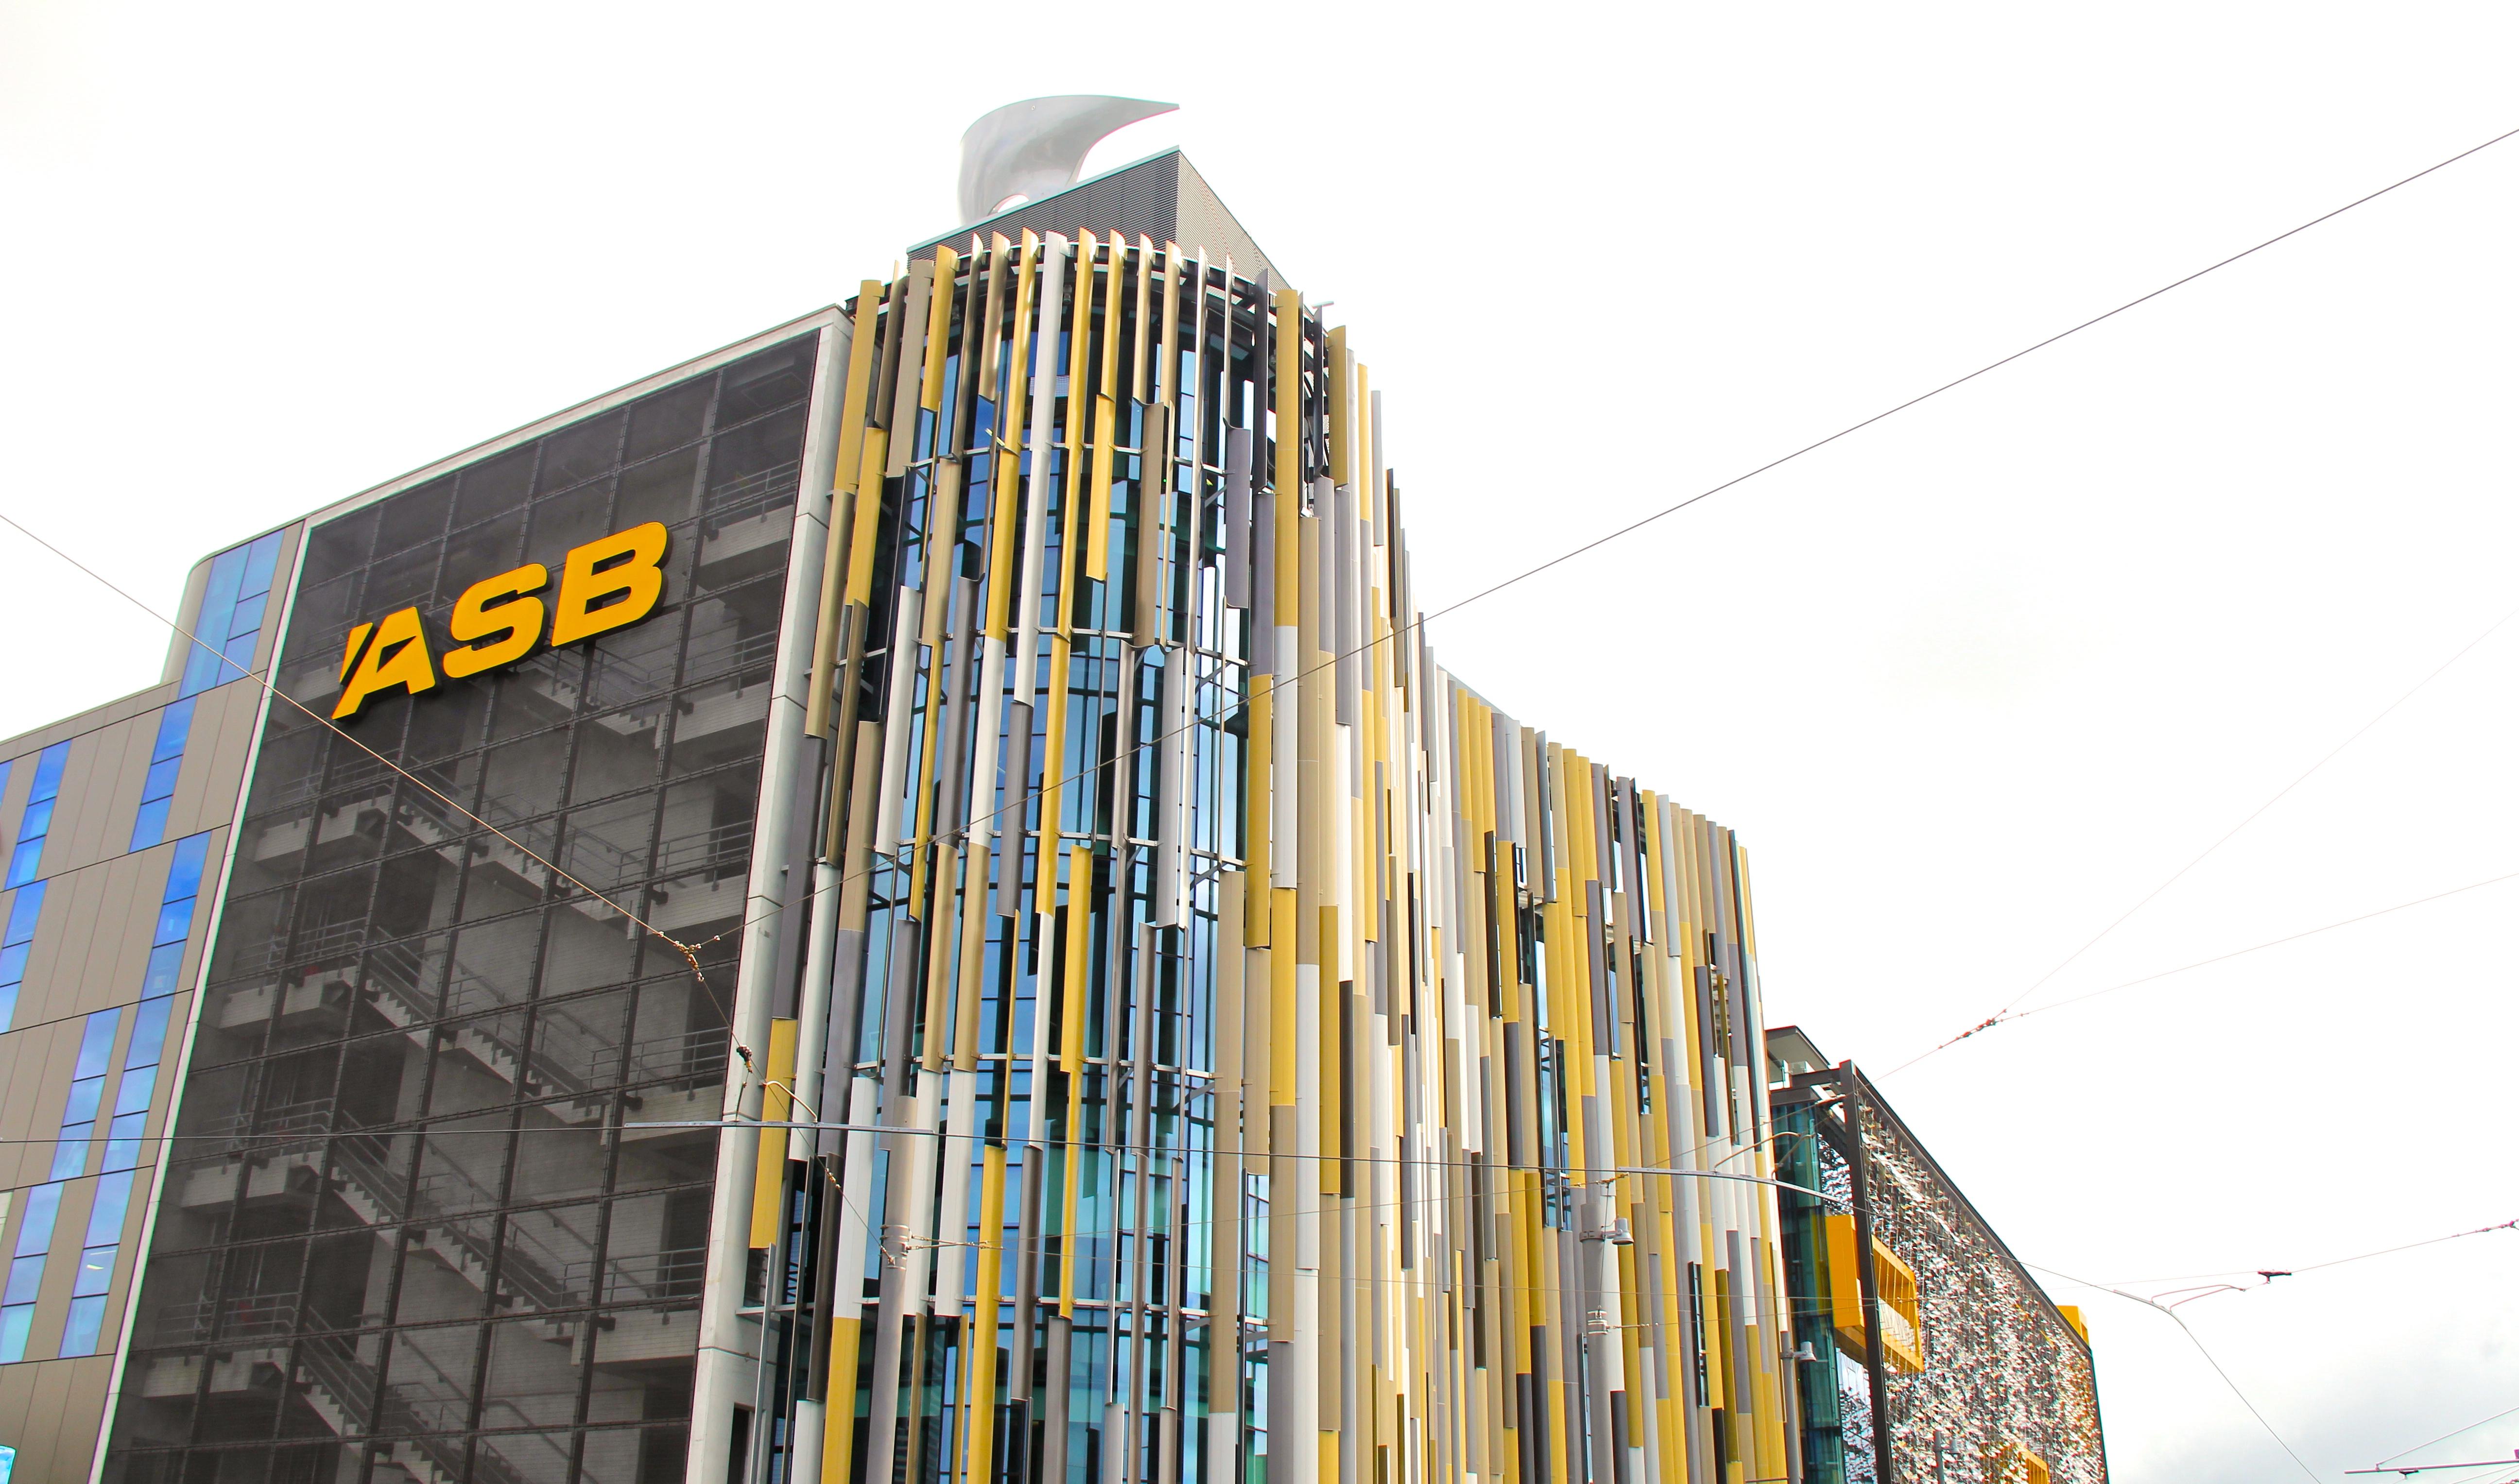 ASB North Wharf - Data Pacific